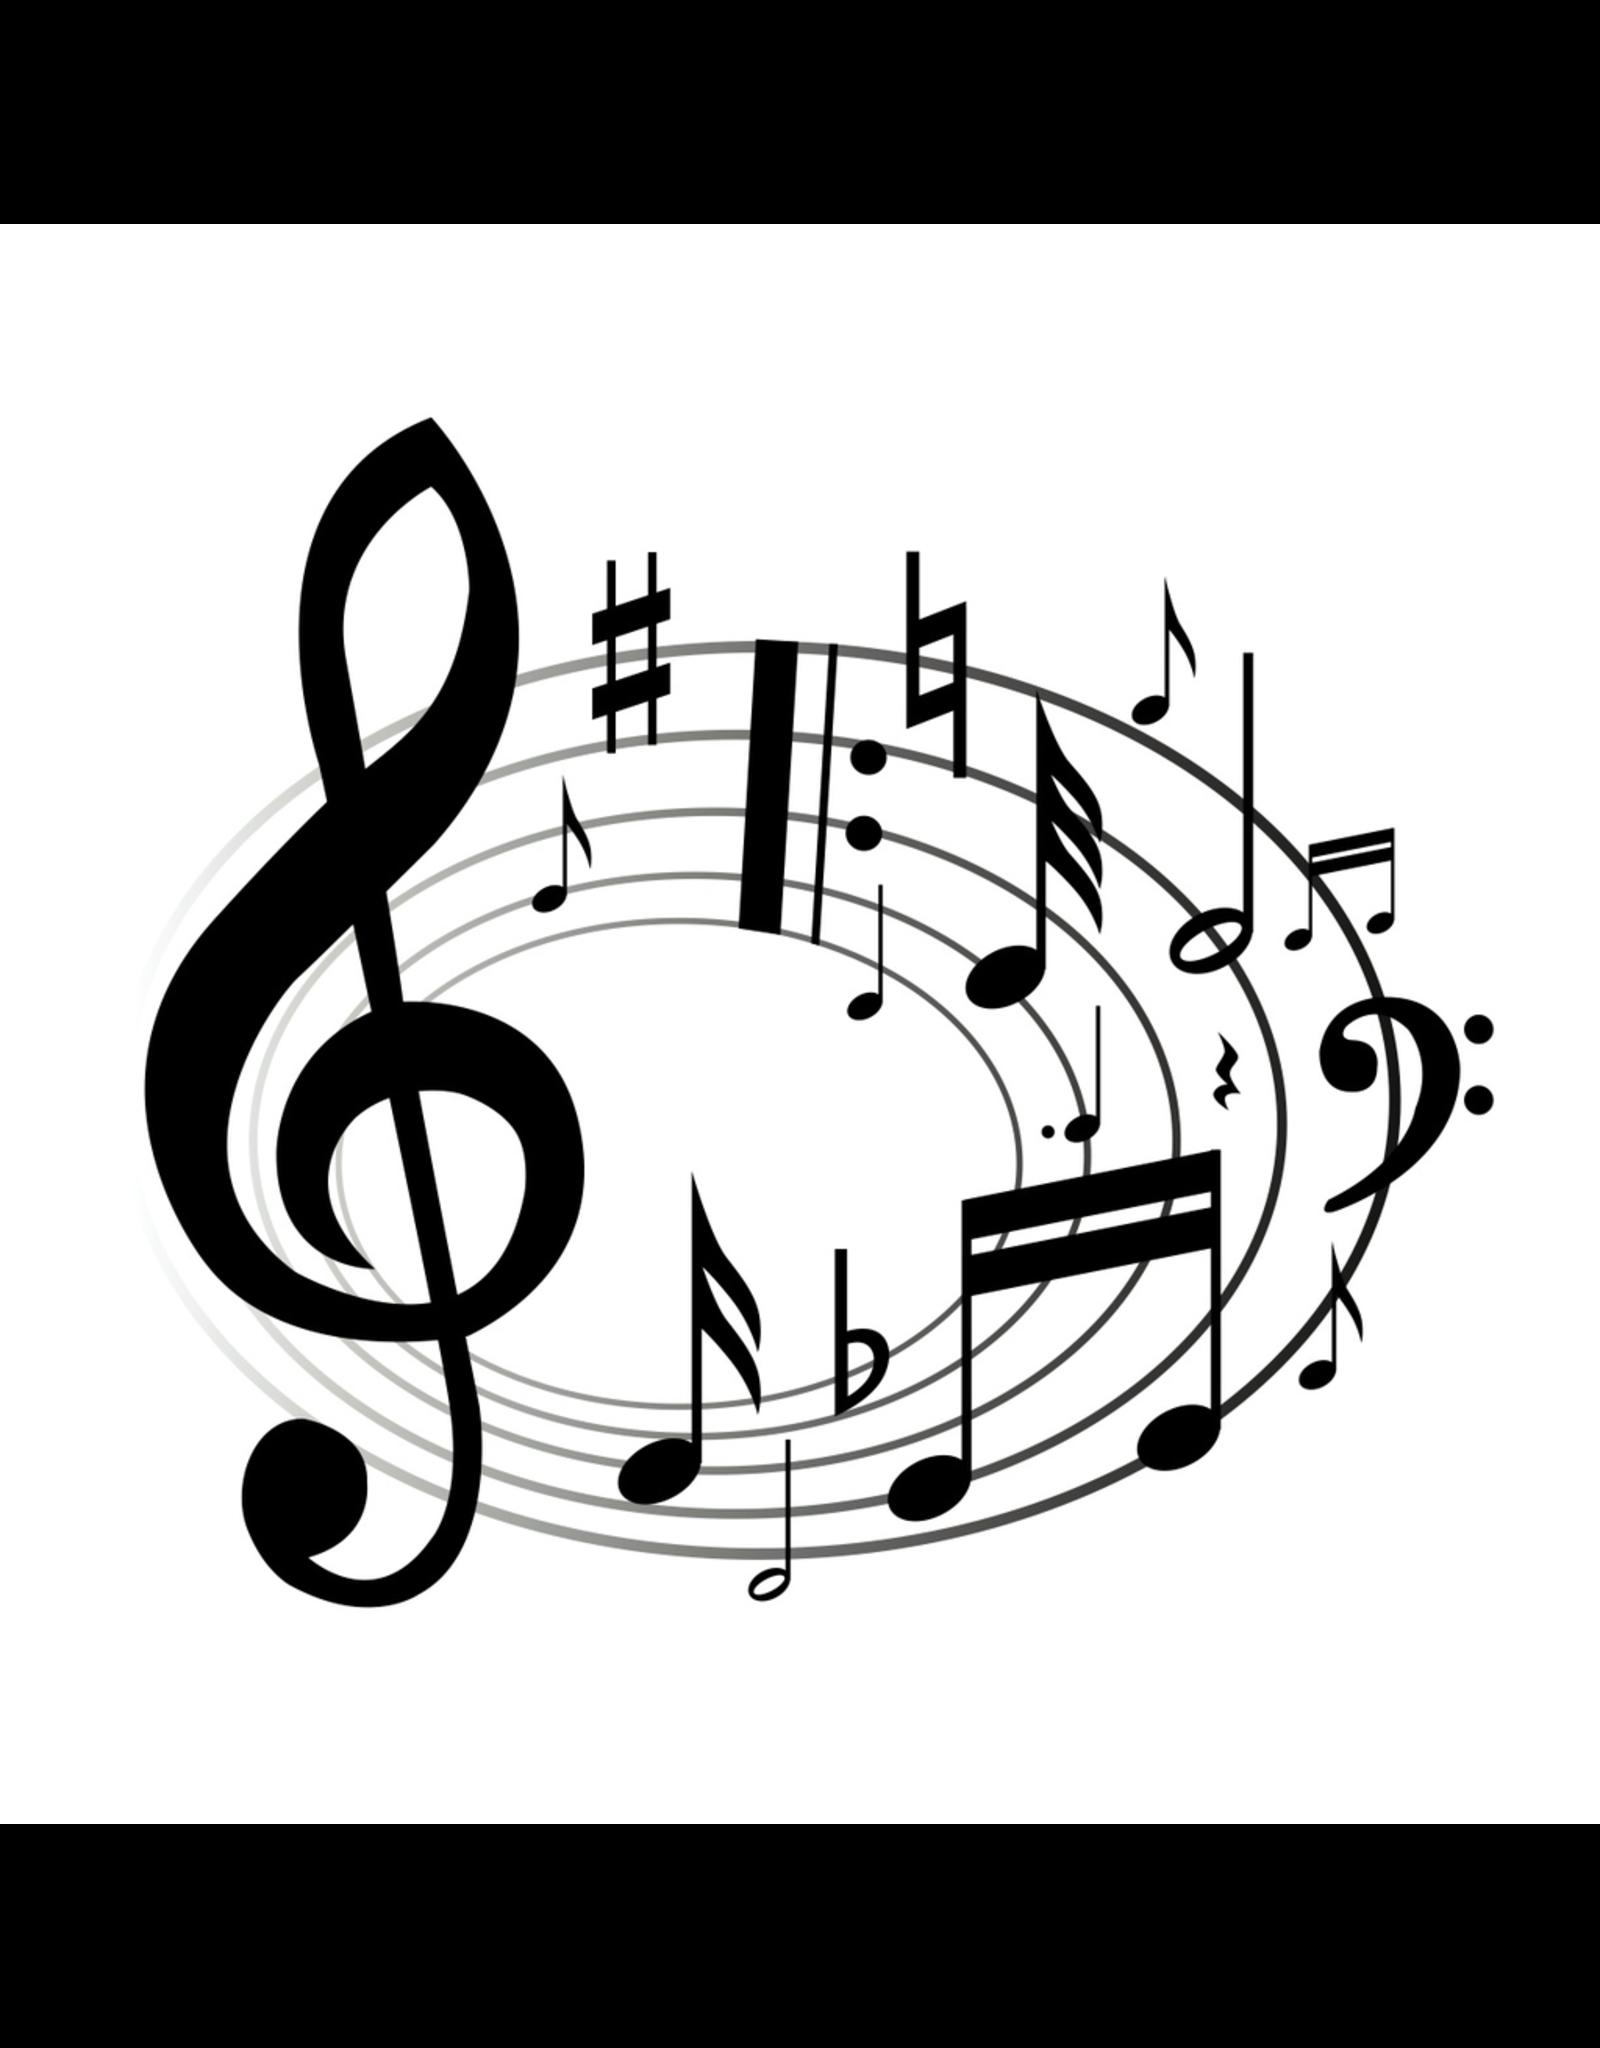 Bountiful Music GOTTASINGJR C